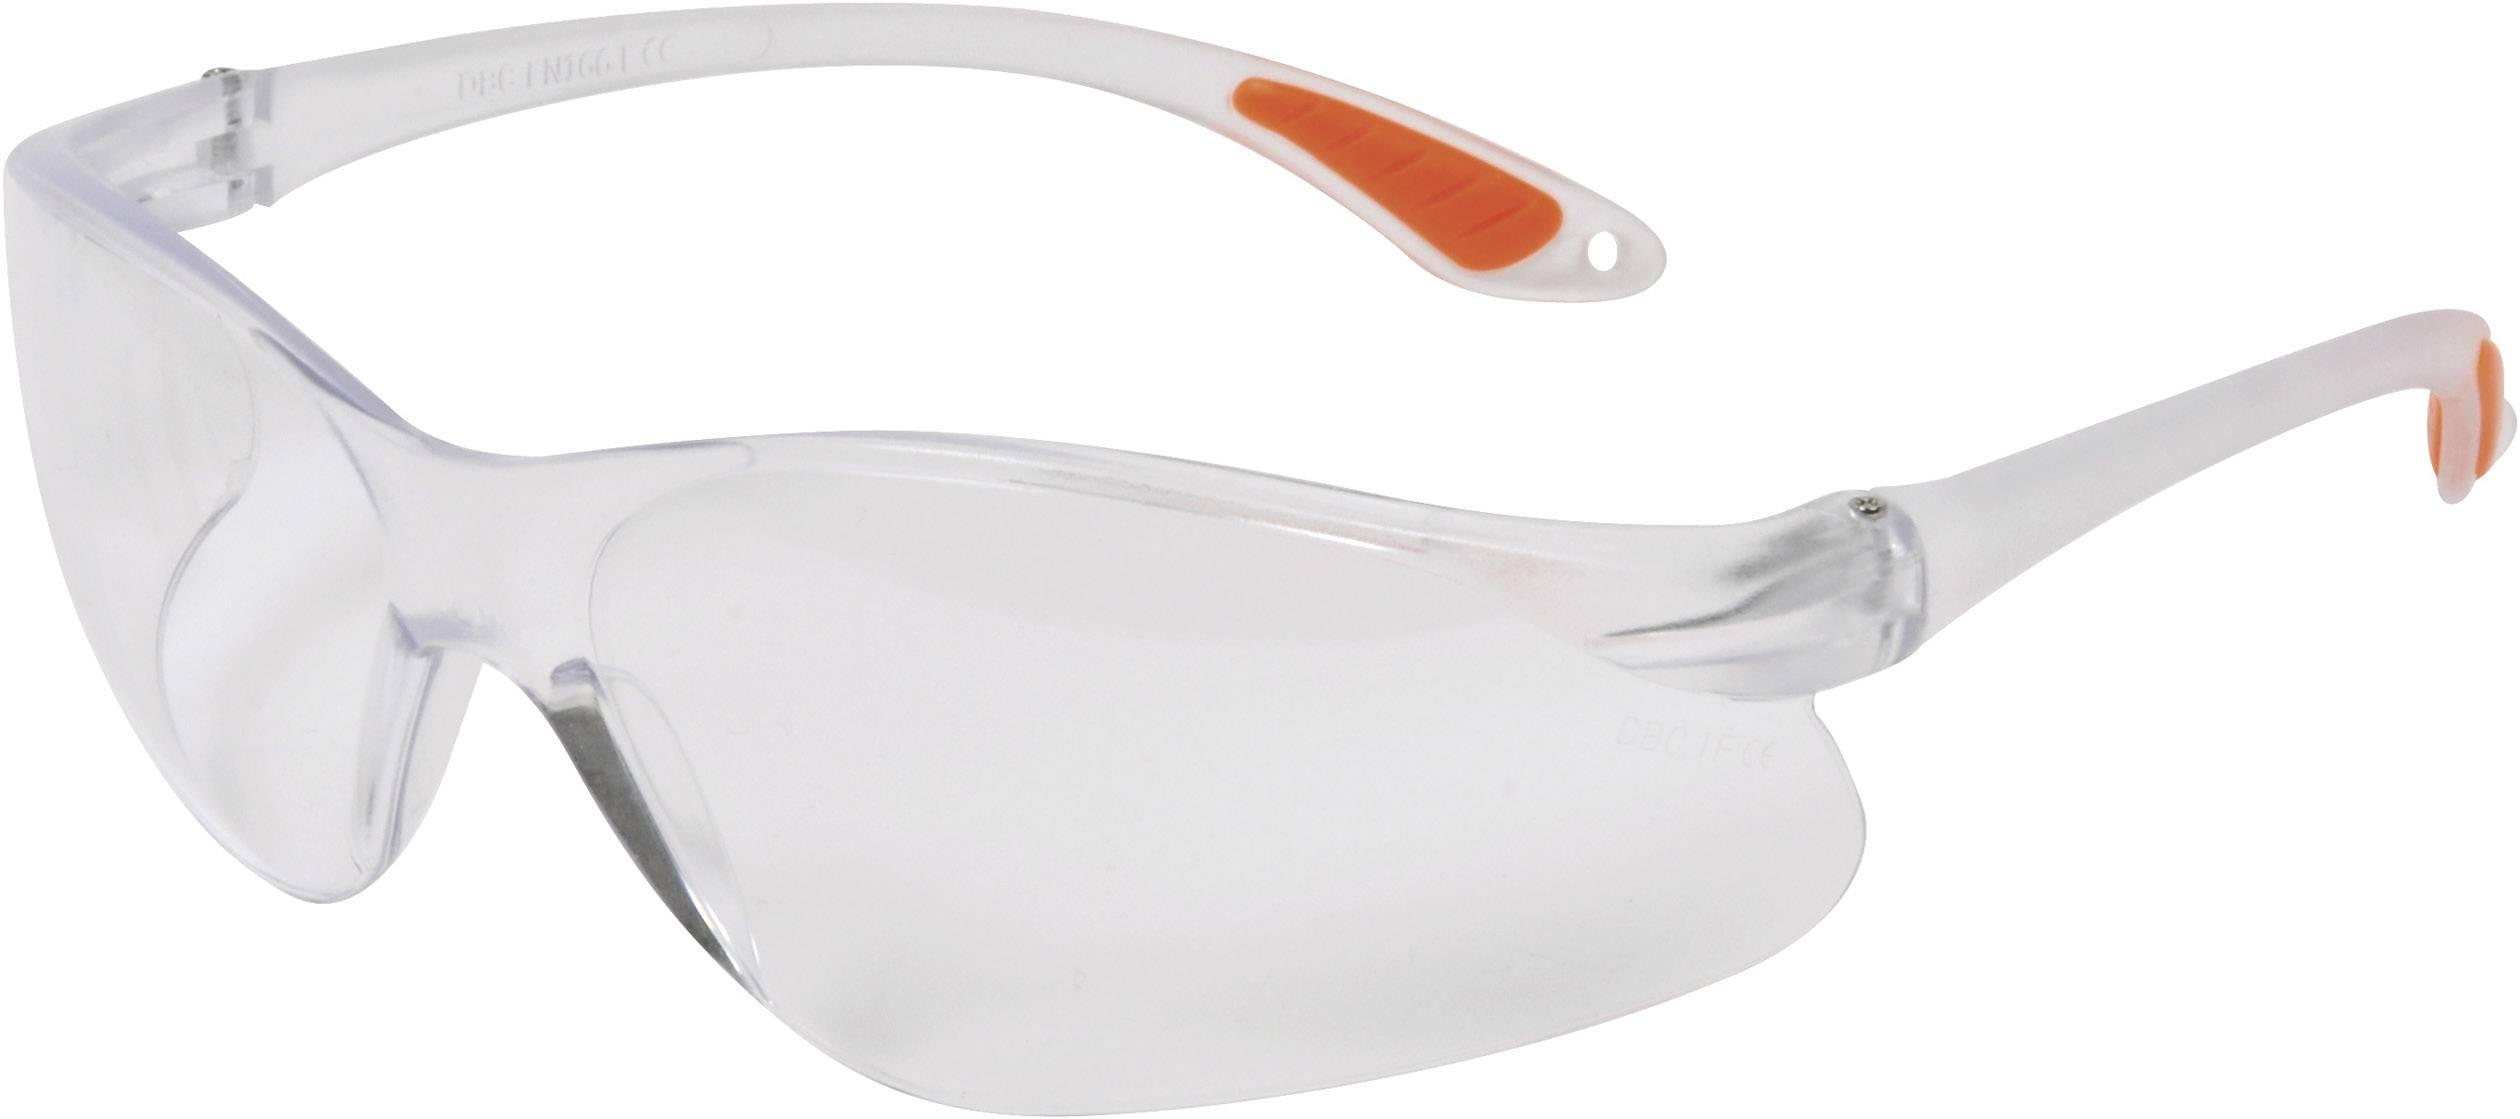 Ochranné okuliare AVIT AV13021